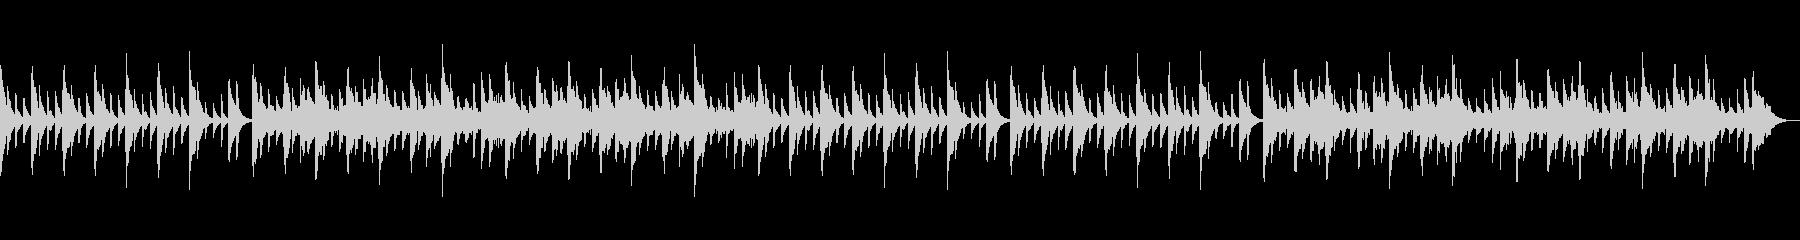 安心する可愛らしい音色の未再生の波形